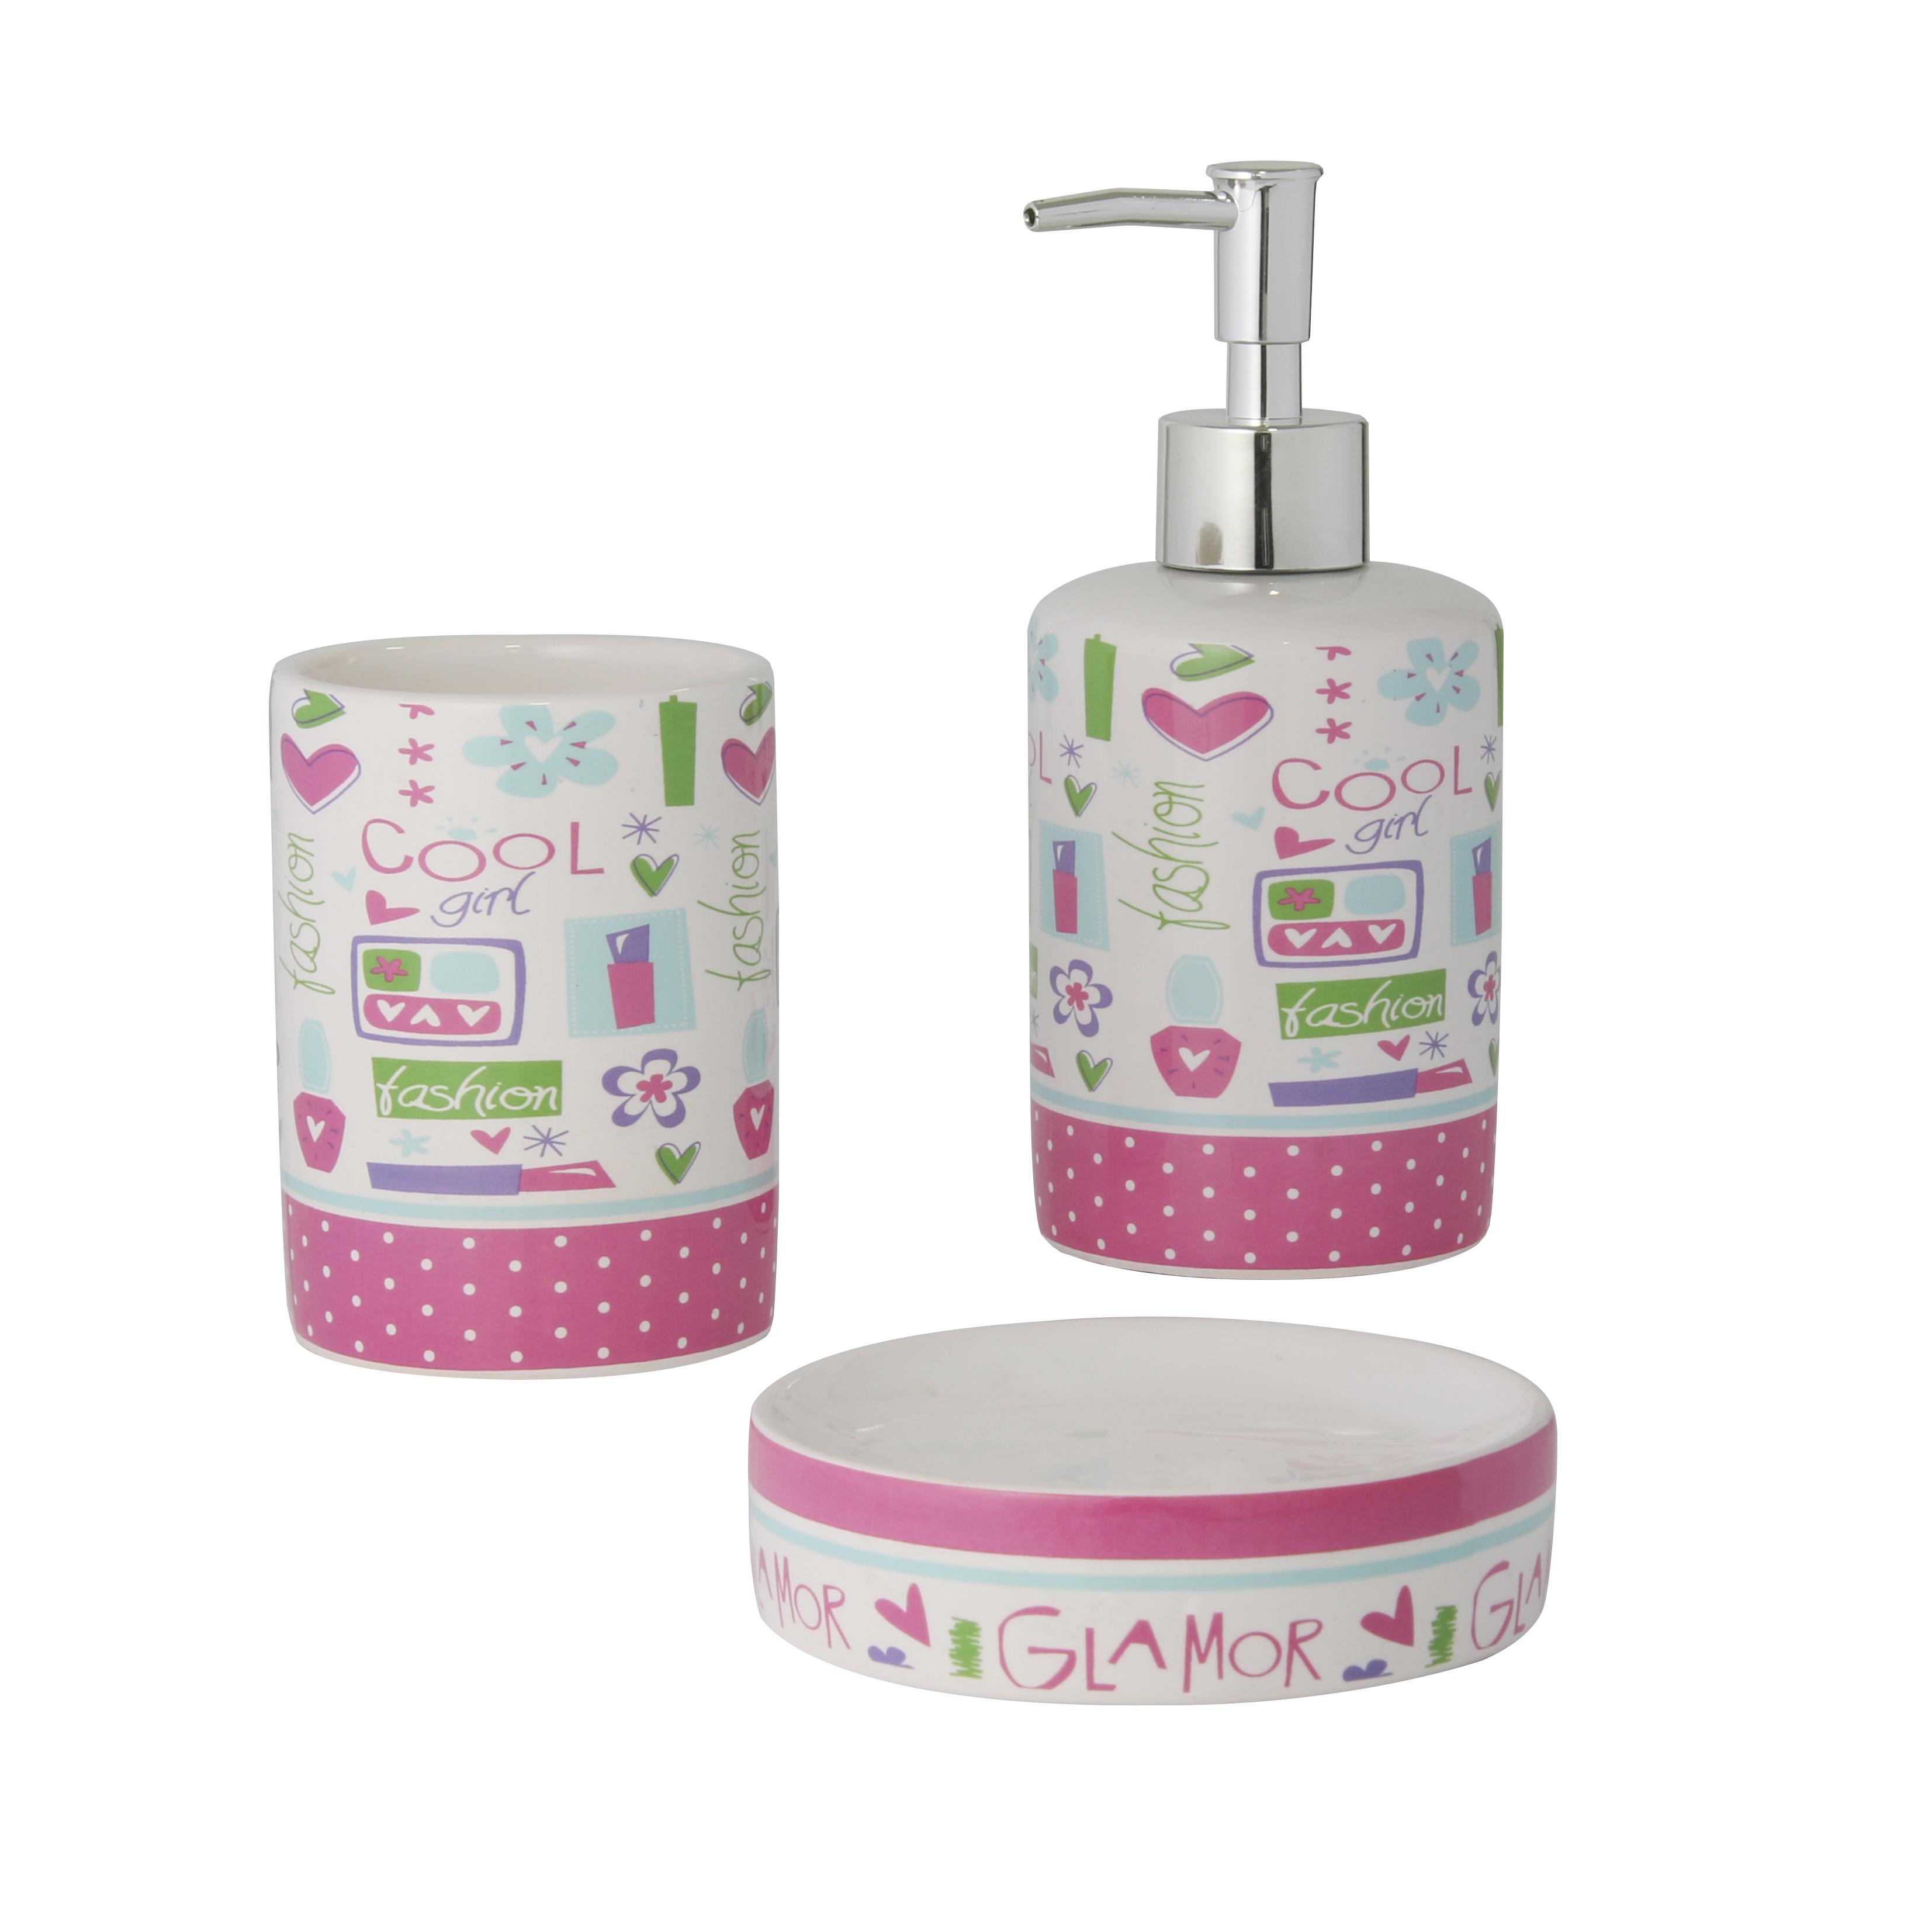 Набор для ванной комнаты Axentia Lily, 3 предмета41619Набор для ванной комнаты Axentia Lily, выполнен из натуральной и элегантной керамики, состоит из стакана для зубных щеток, дозатора для жидкого мыла и мыльницы. Изделия декорированы яркими цветными рисунками.Аксессуары, входящие в набор Axentia Lily, выполняют не только практическую, но и декоративную функцию. Они способны внести в помещение изысканность, сделать пребывание в нем приятным и даже незабываемым. Размер стакана для щеток: 7,5 х 7,5 х 10 см. Размер дозатора: 7,5 х 7,5 х 18 см. Размер мыльницы: 10,5 х 10,5 х 2,5 см.